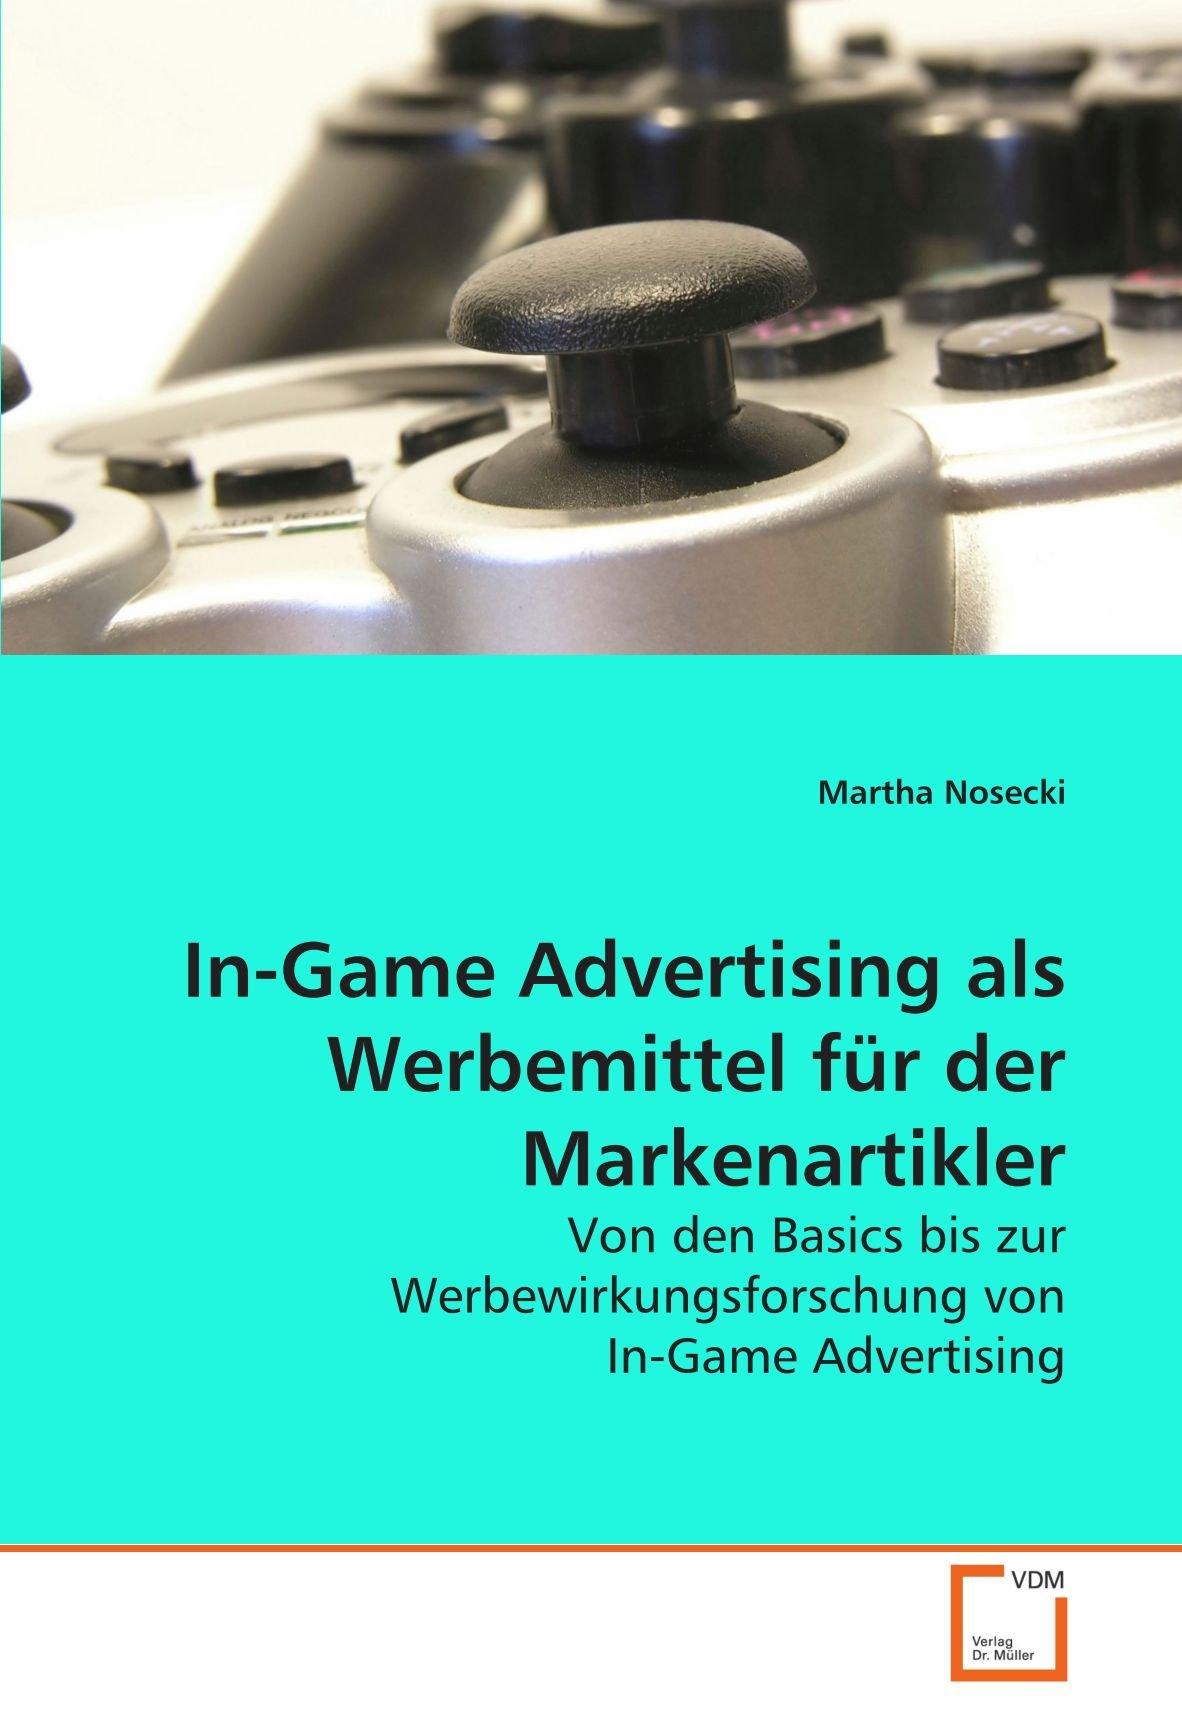 In-Game Advertising als Werbemittel für der Markenartikler: Von den Basics bis zur Werbewirkungsforschung von In-Game Advertising